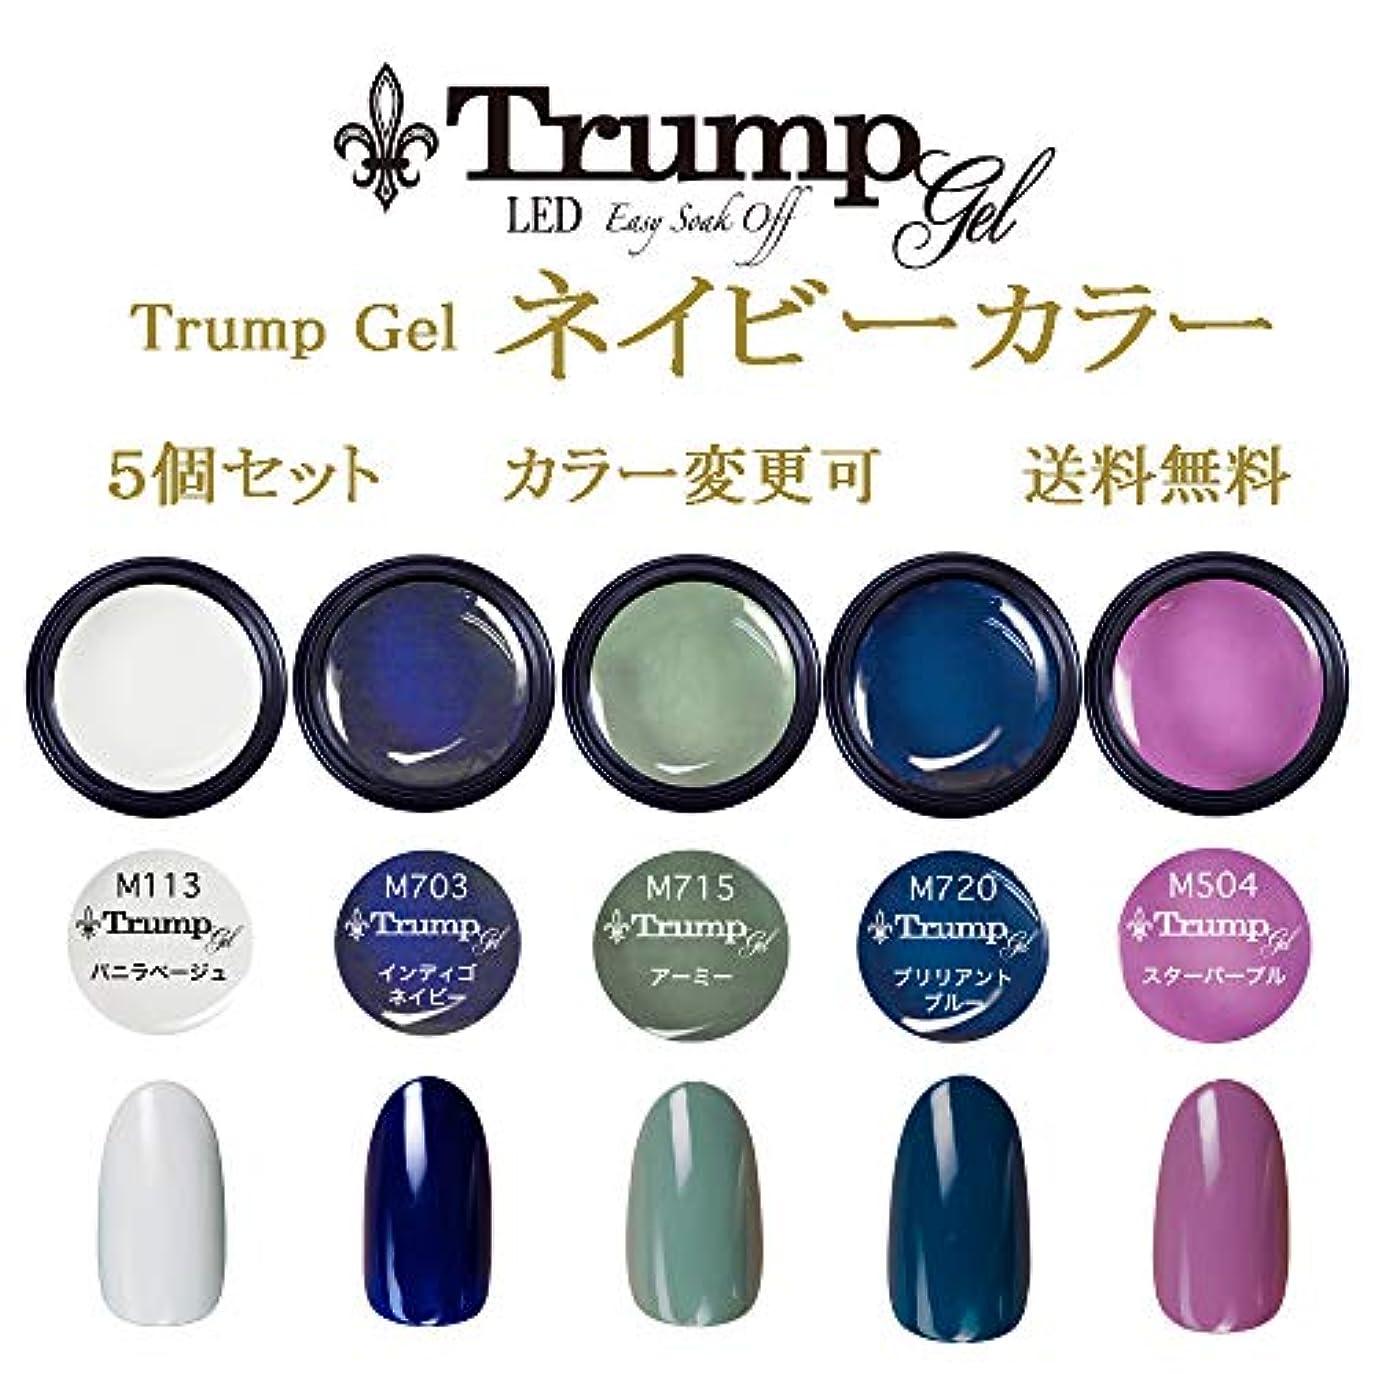 セグメント体系的に適合日本製 Trump gel トランプジェル ネイビーカラー 選べる カラージェル 5個セット ホワイト ブルー ネイビー パープル カーキ グリーン